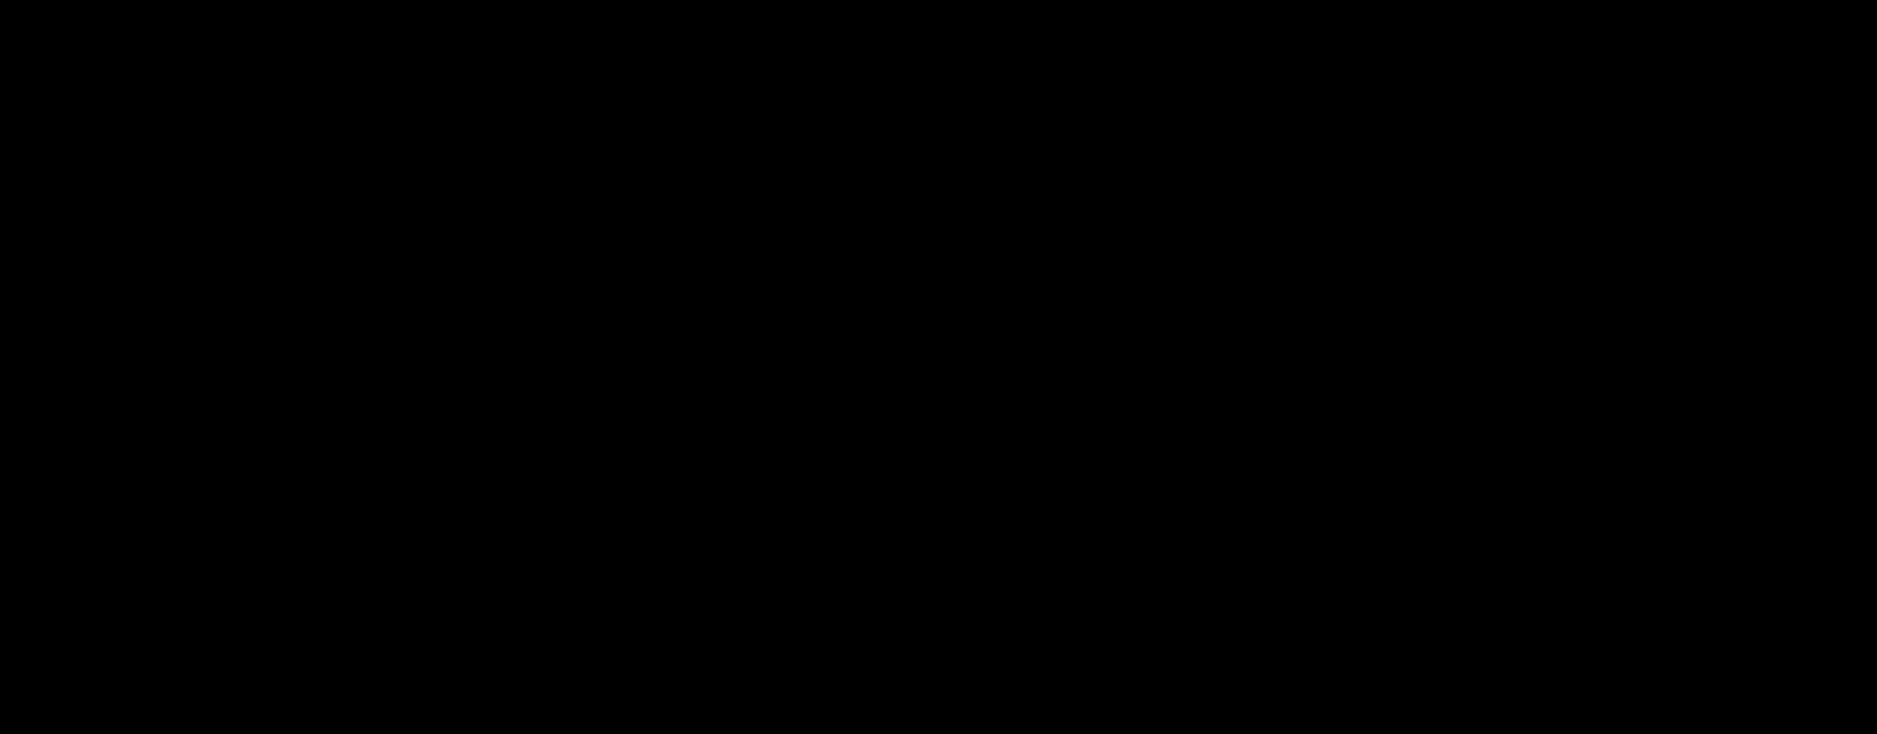 Logo for Ogilvy